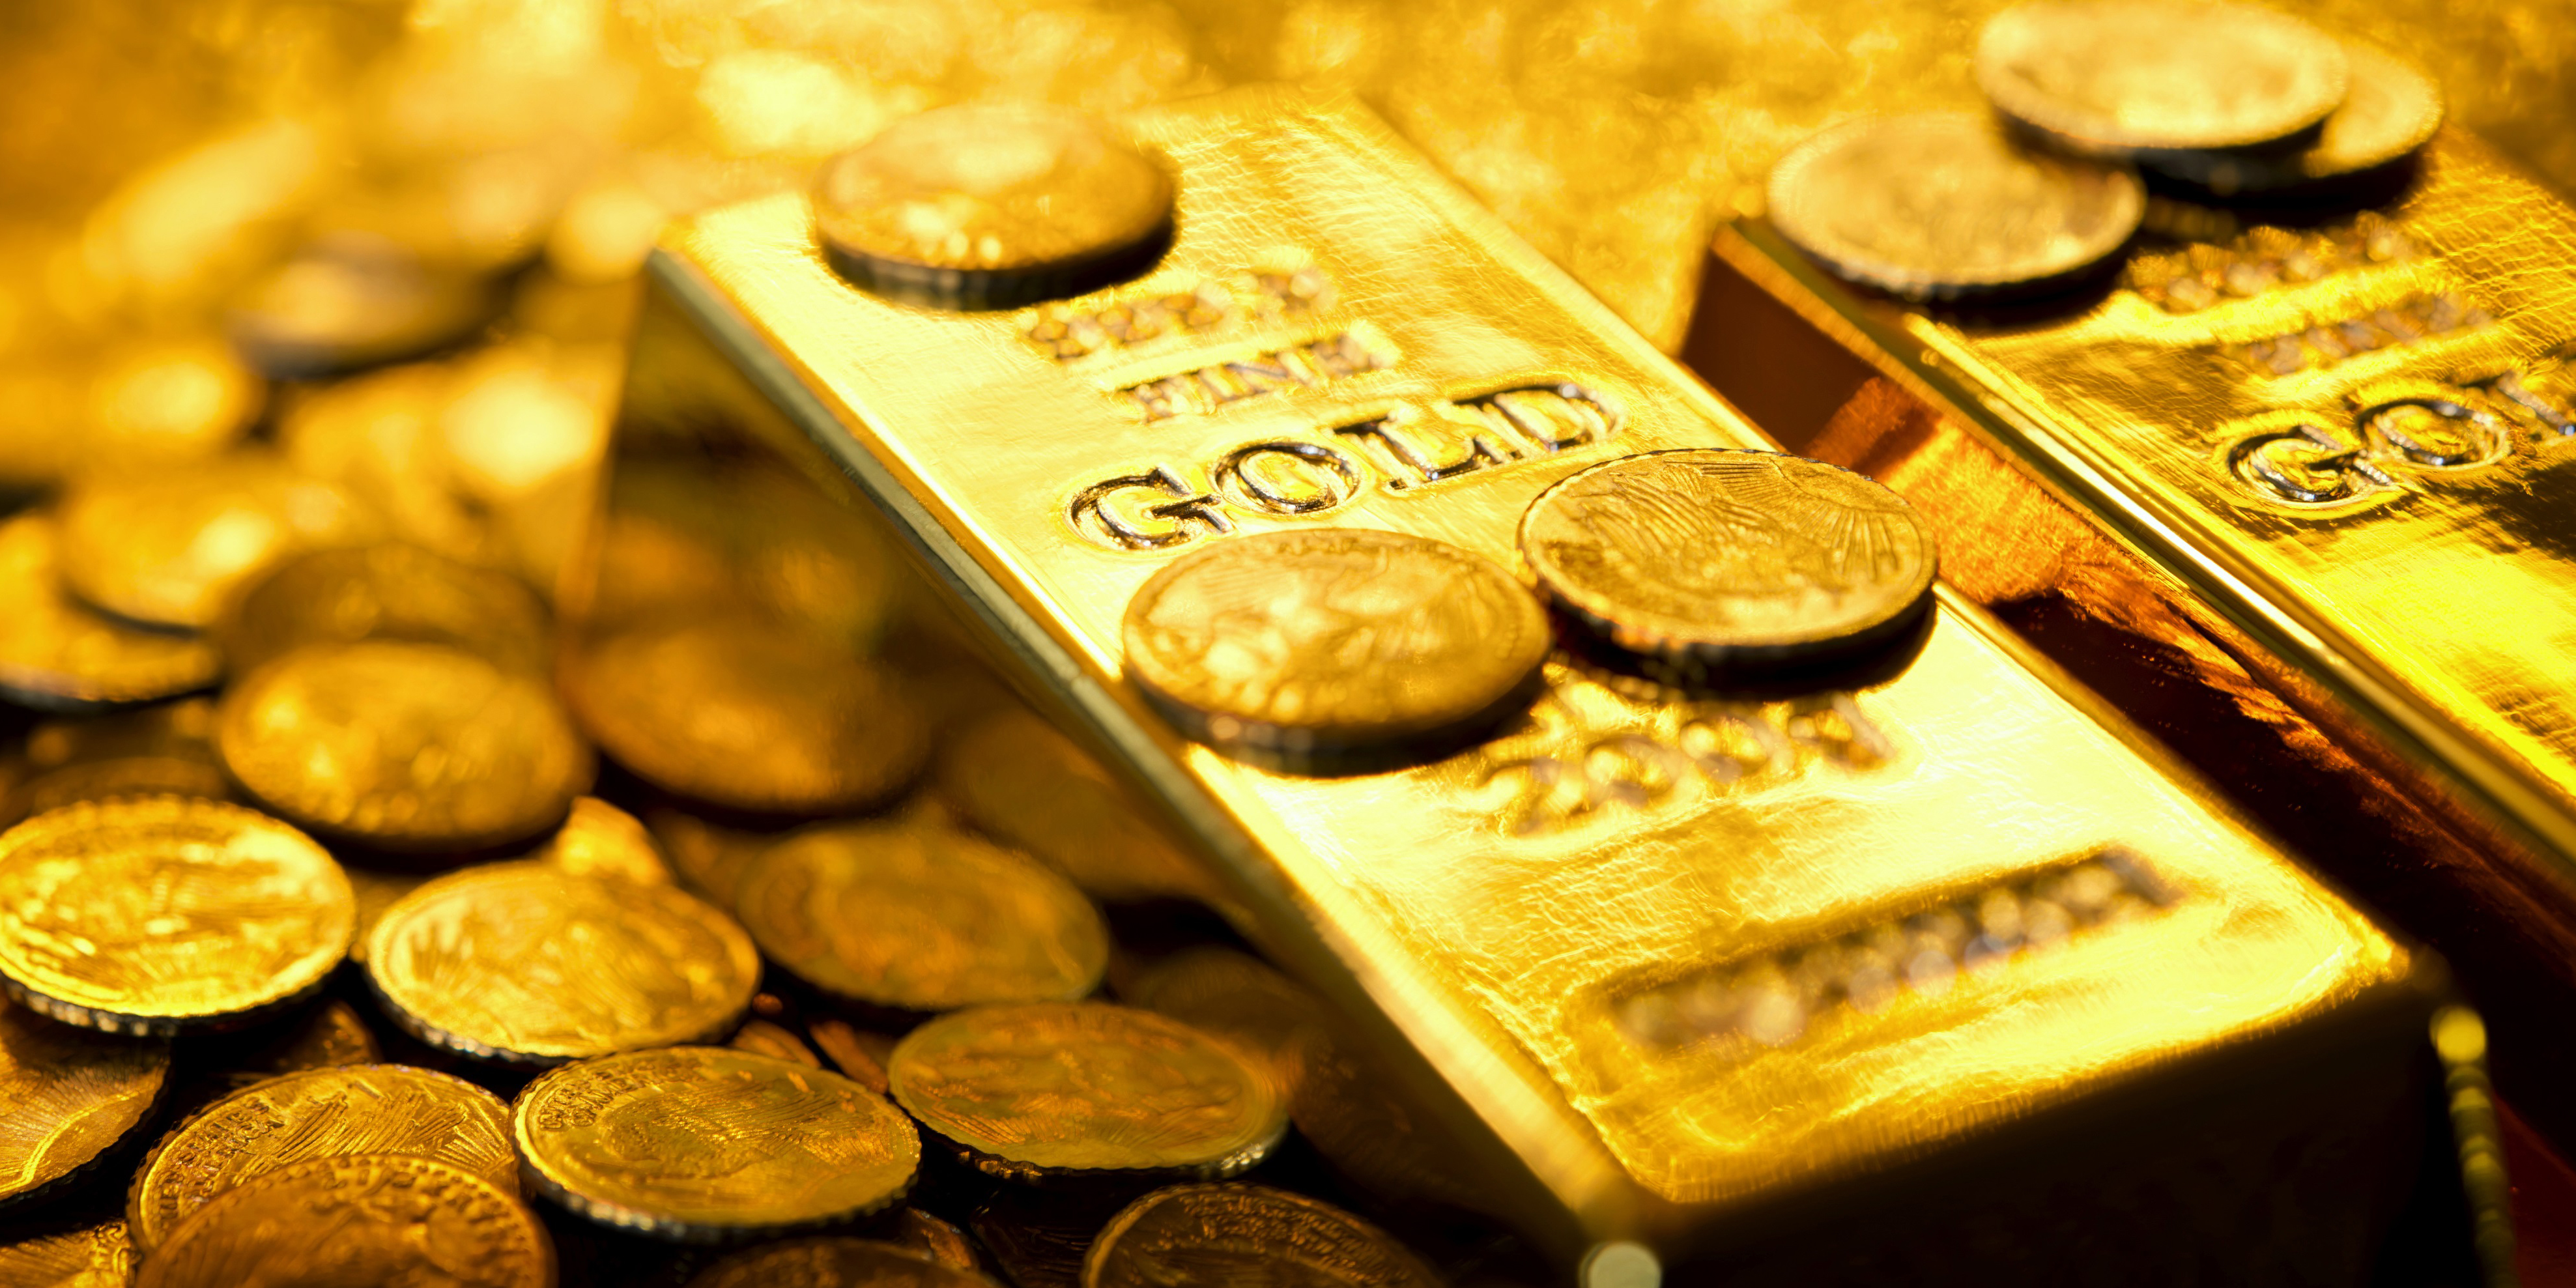 کاهش قیمت فلز زرد در بازارهای جهانی